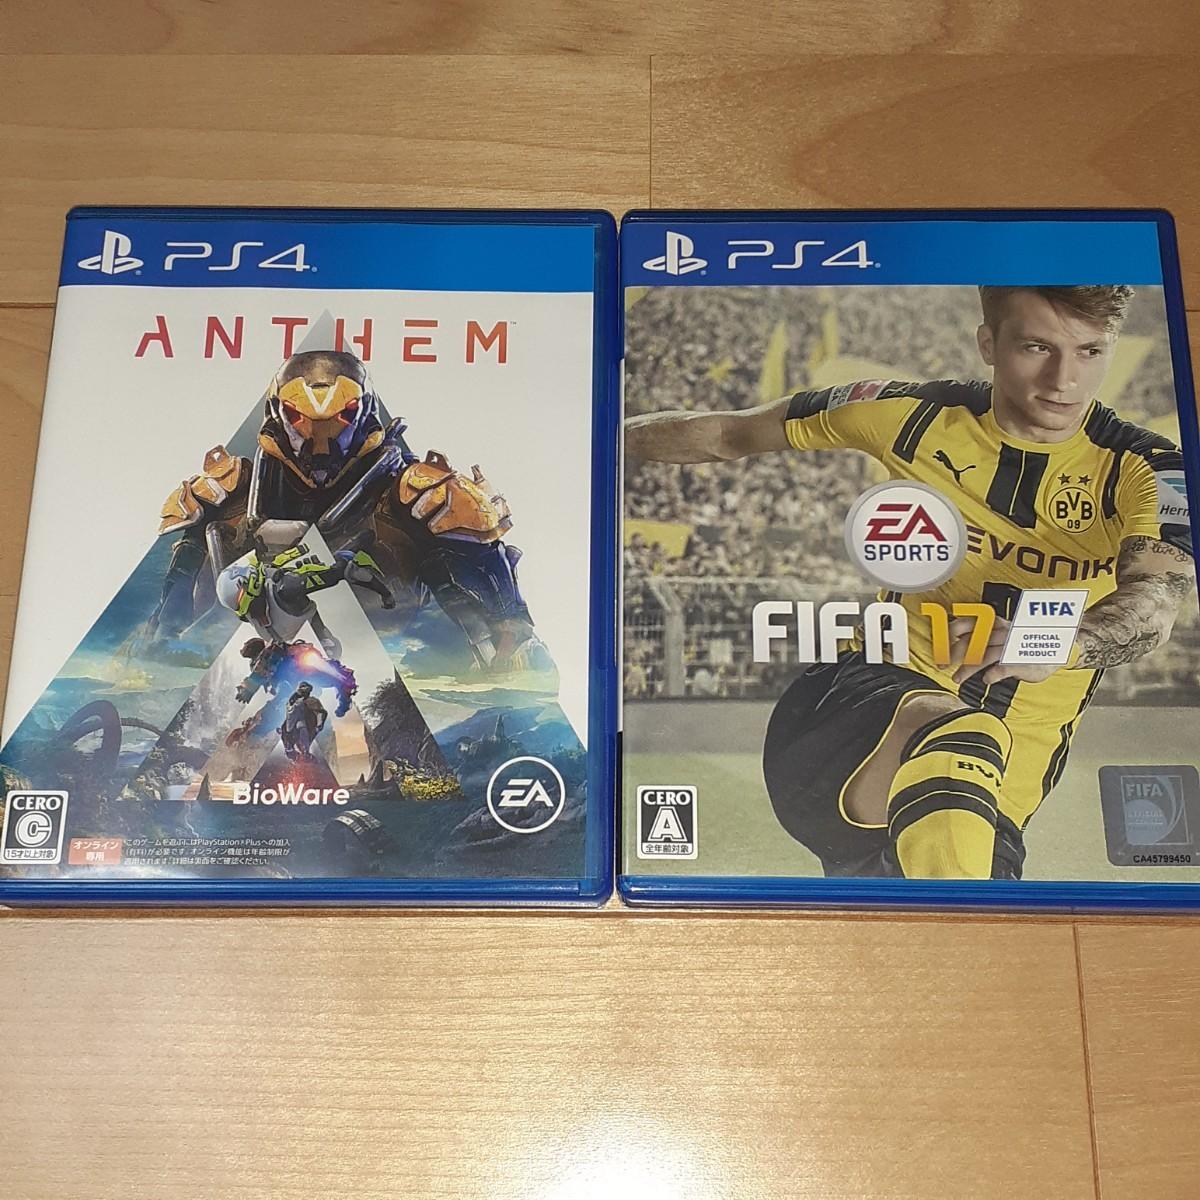 PS4 Anthem(アンセム) PS4 FIFA 17